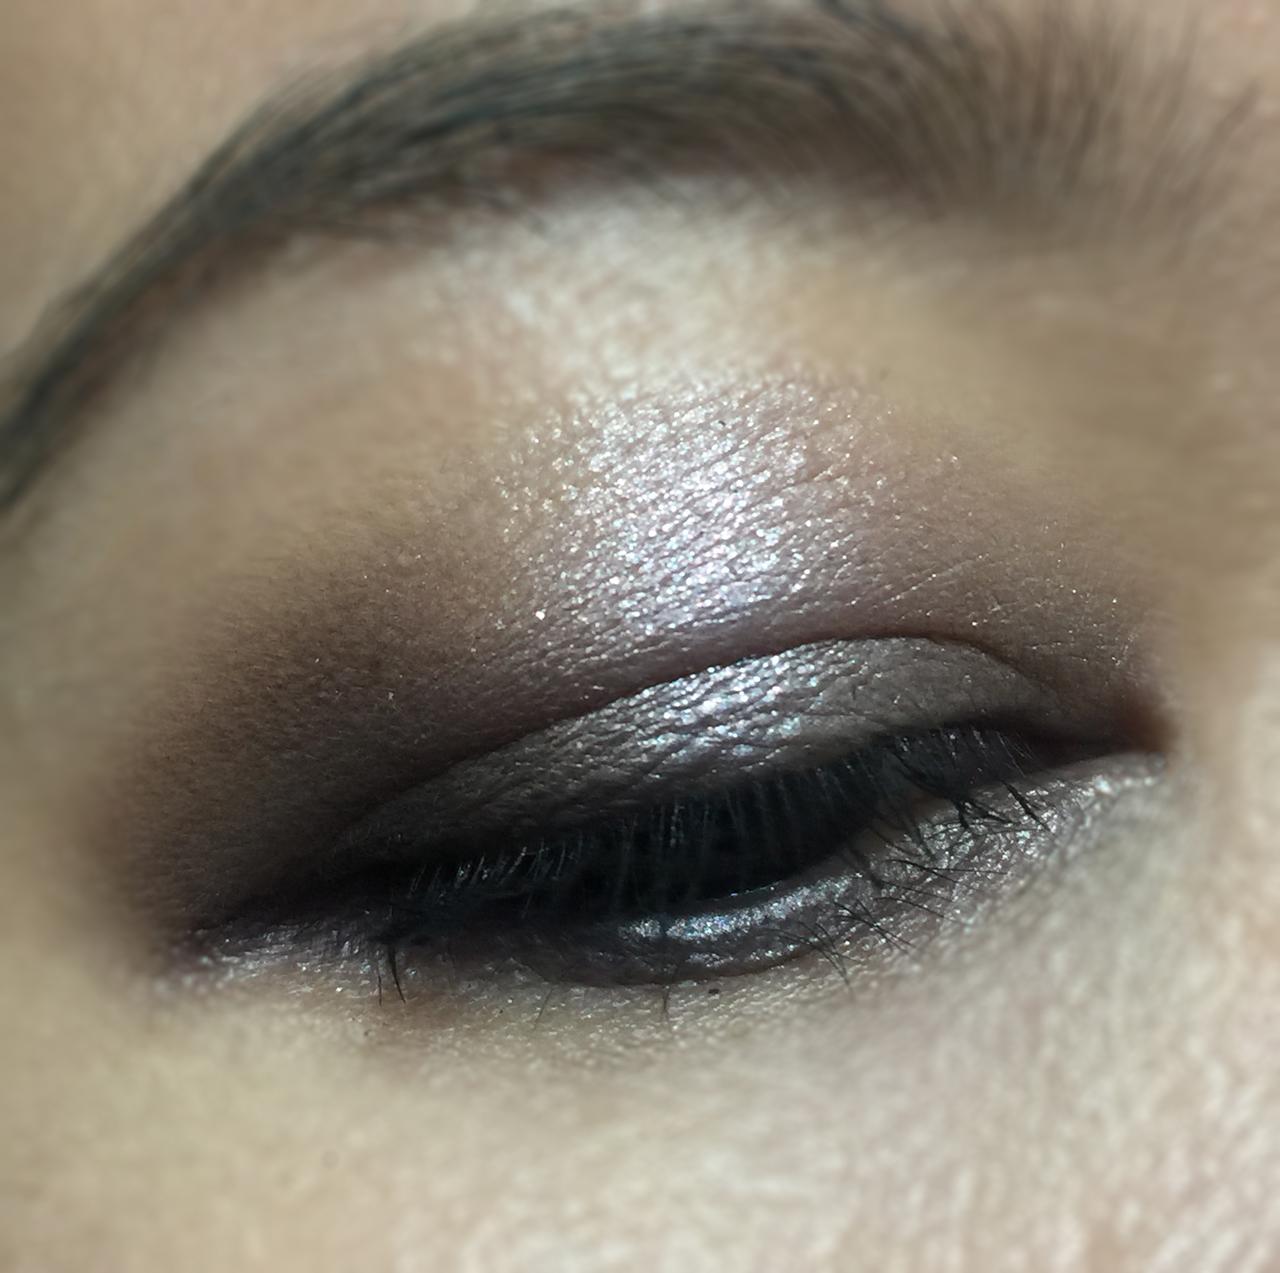 Tom Ford Winter Soleil Cool Palette eye makeup look